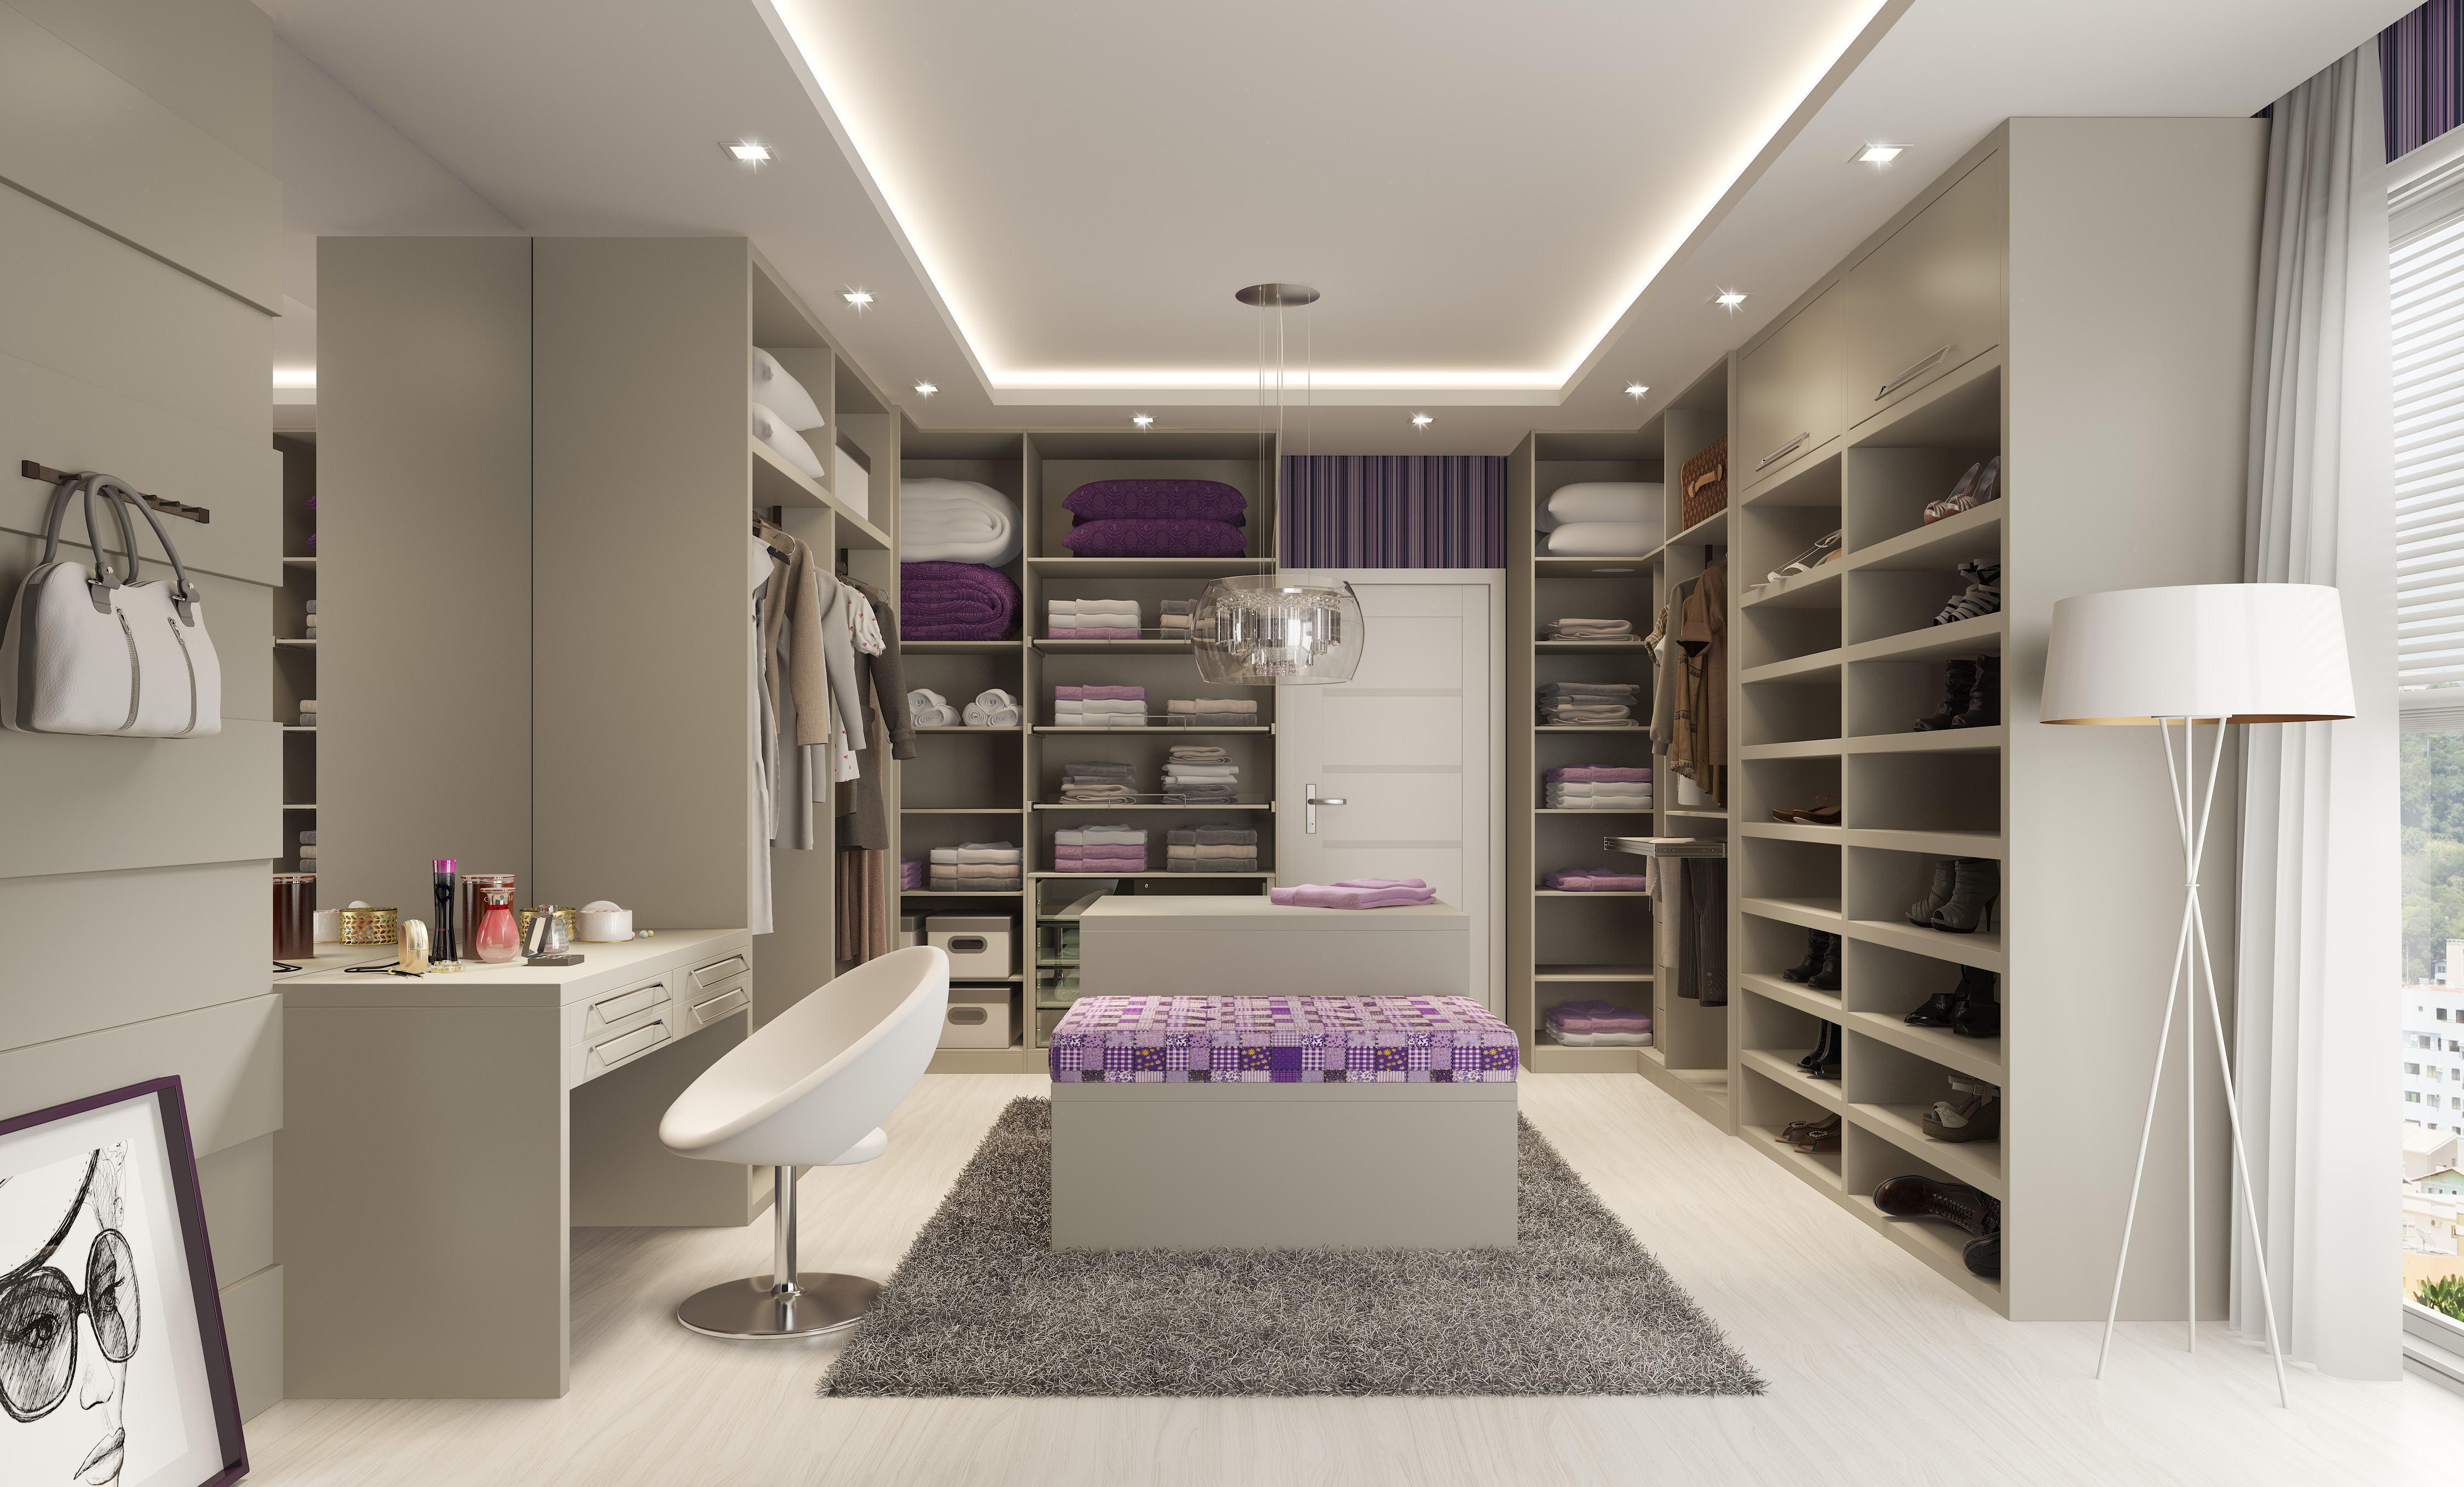 Esse espaço separado do quarto deu lugar a um closet organizado e com direito a uma penteadeira particular